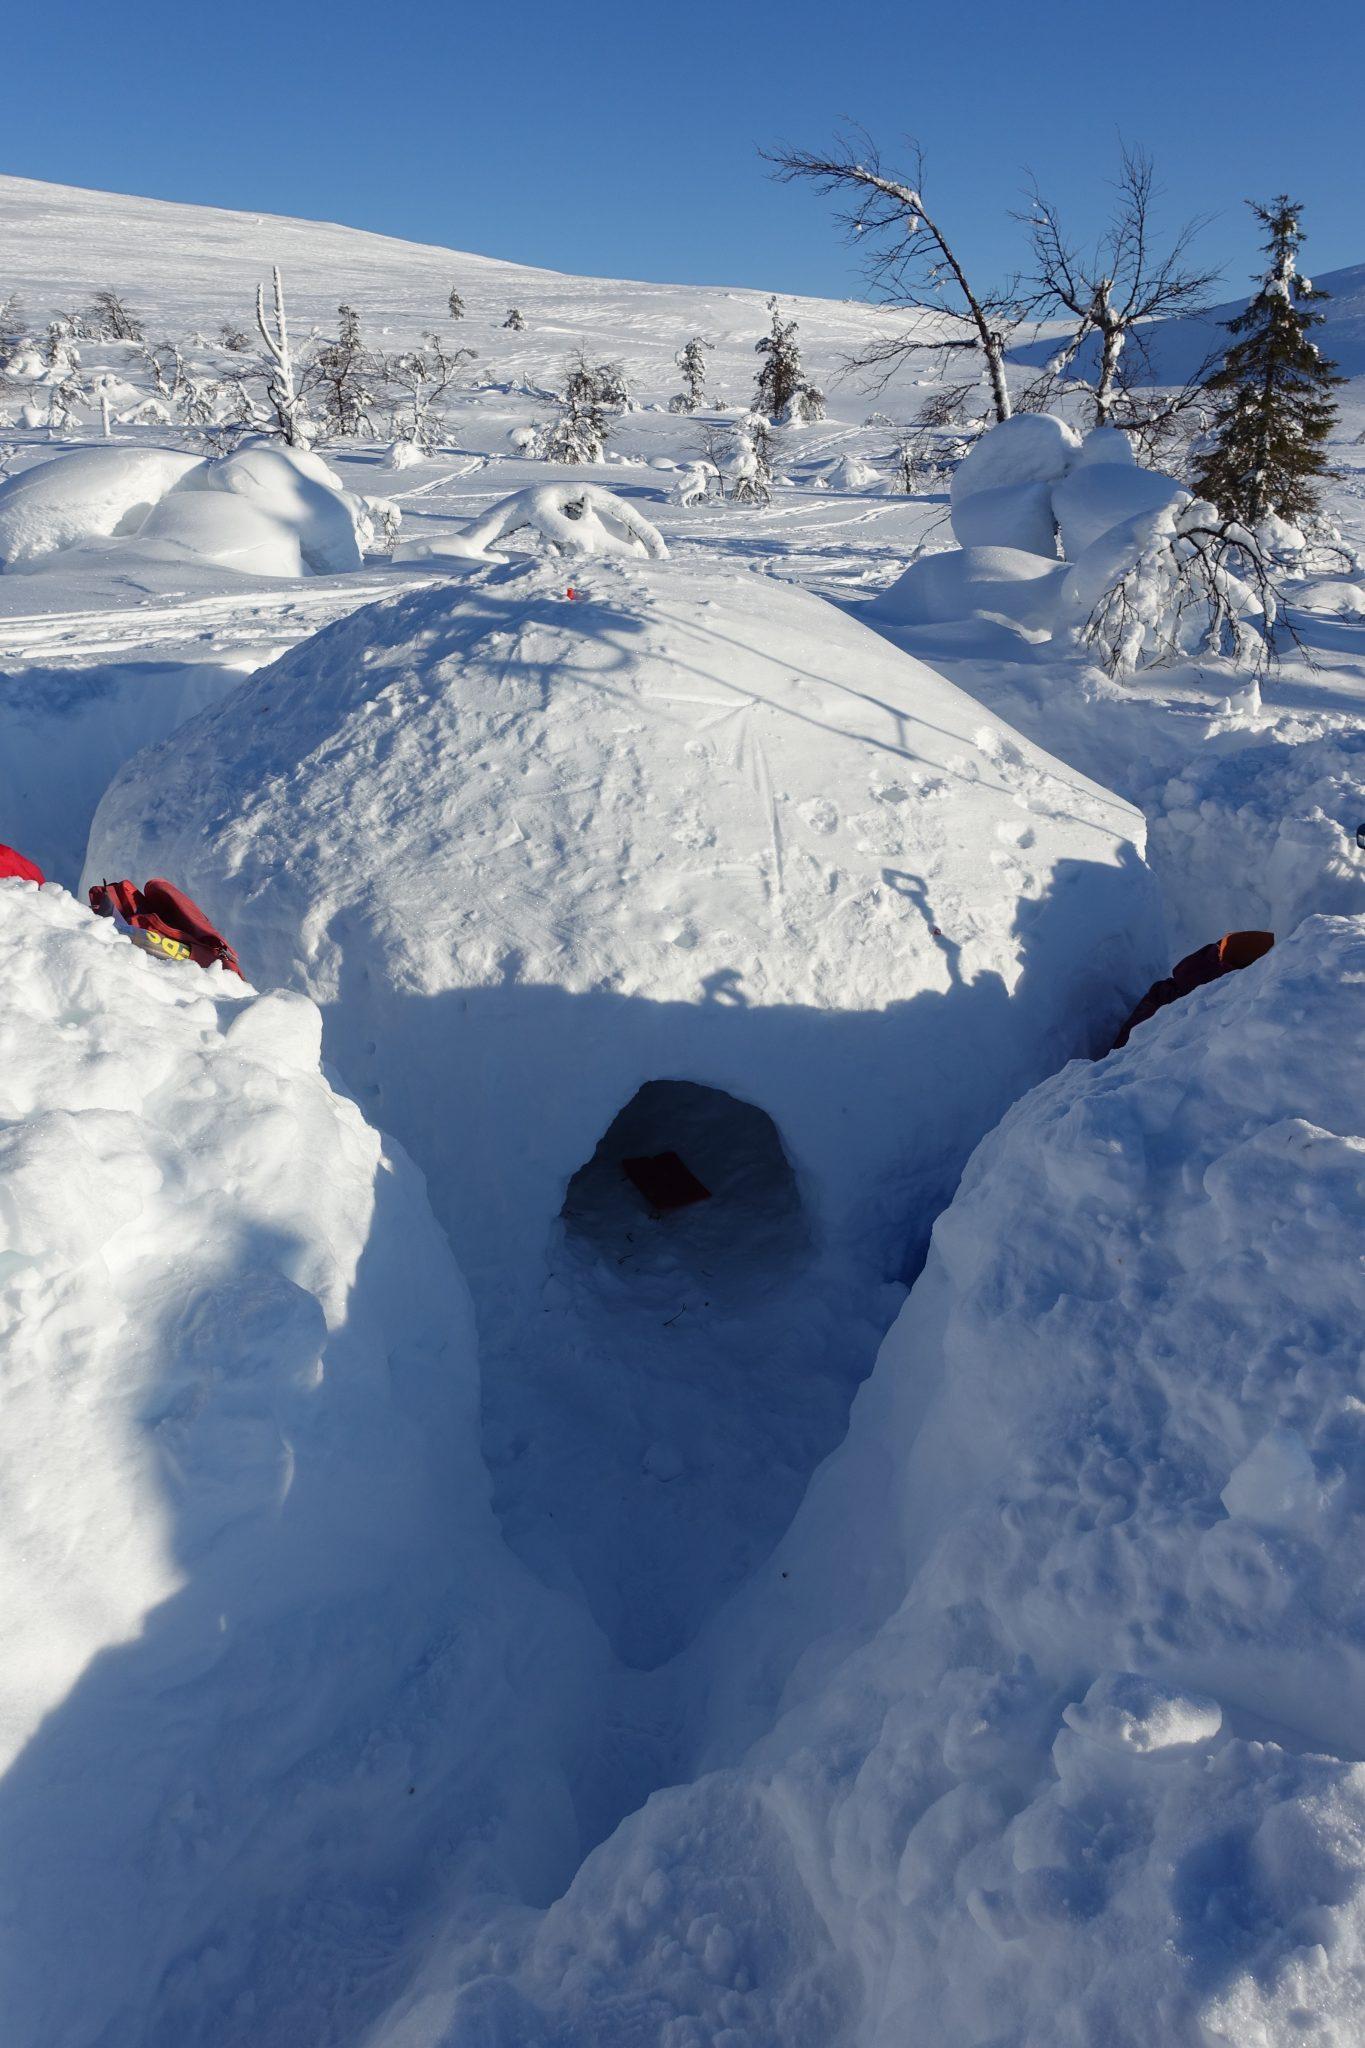 Iglun näköinen suuri ontto sisältä oleva lumimöykky